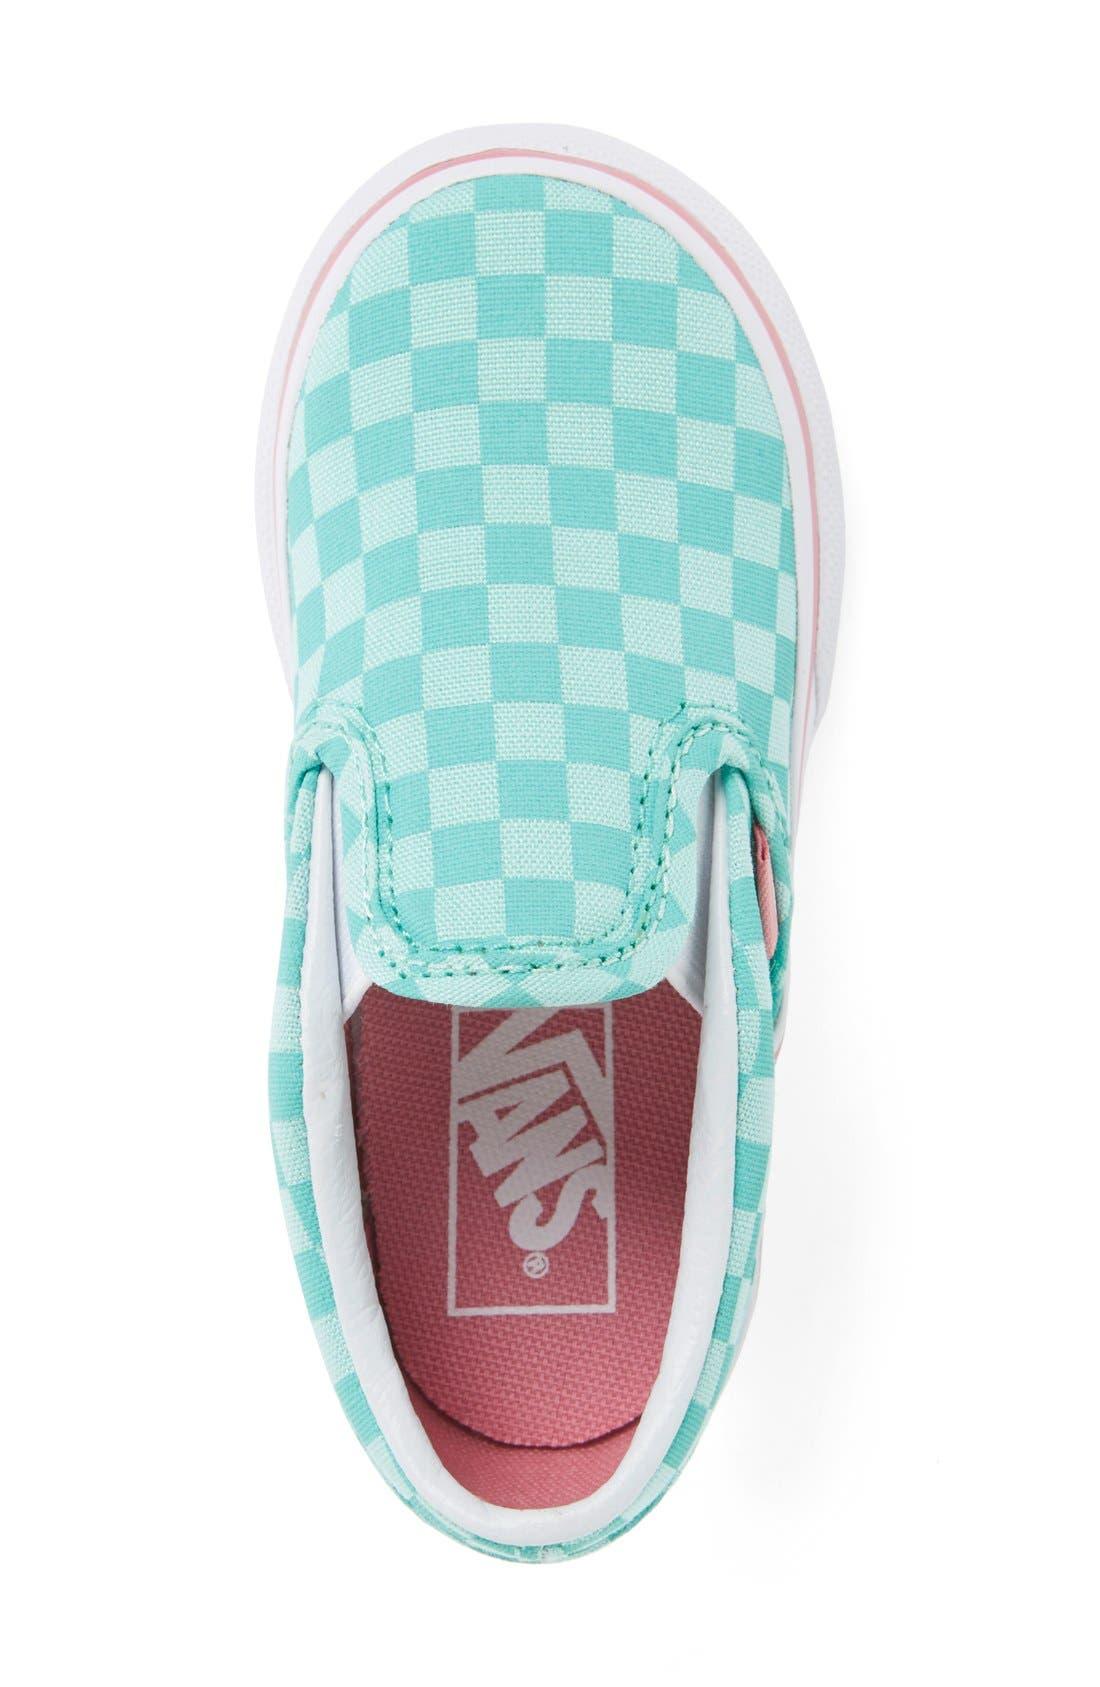 VANS,                             Classic Slip-On Sneaker,                             Alternate thumbnail 4, color,                             300